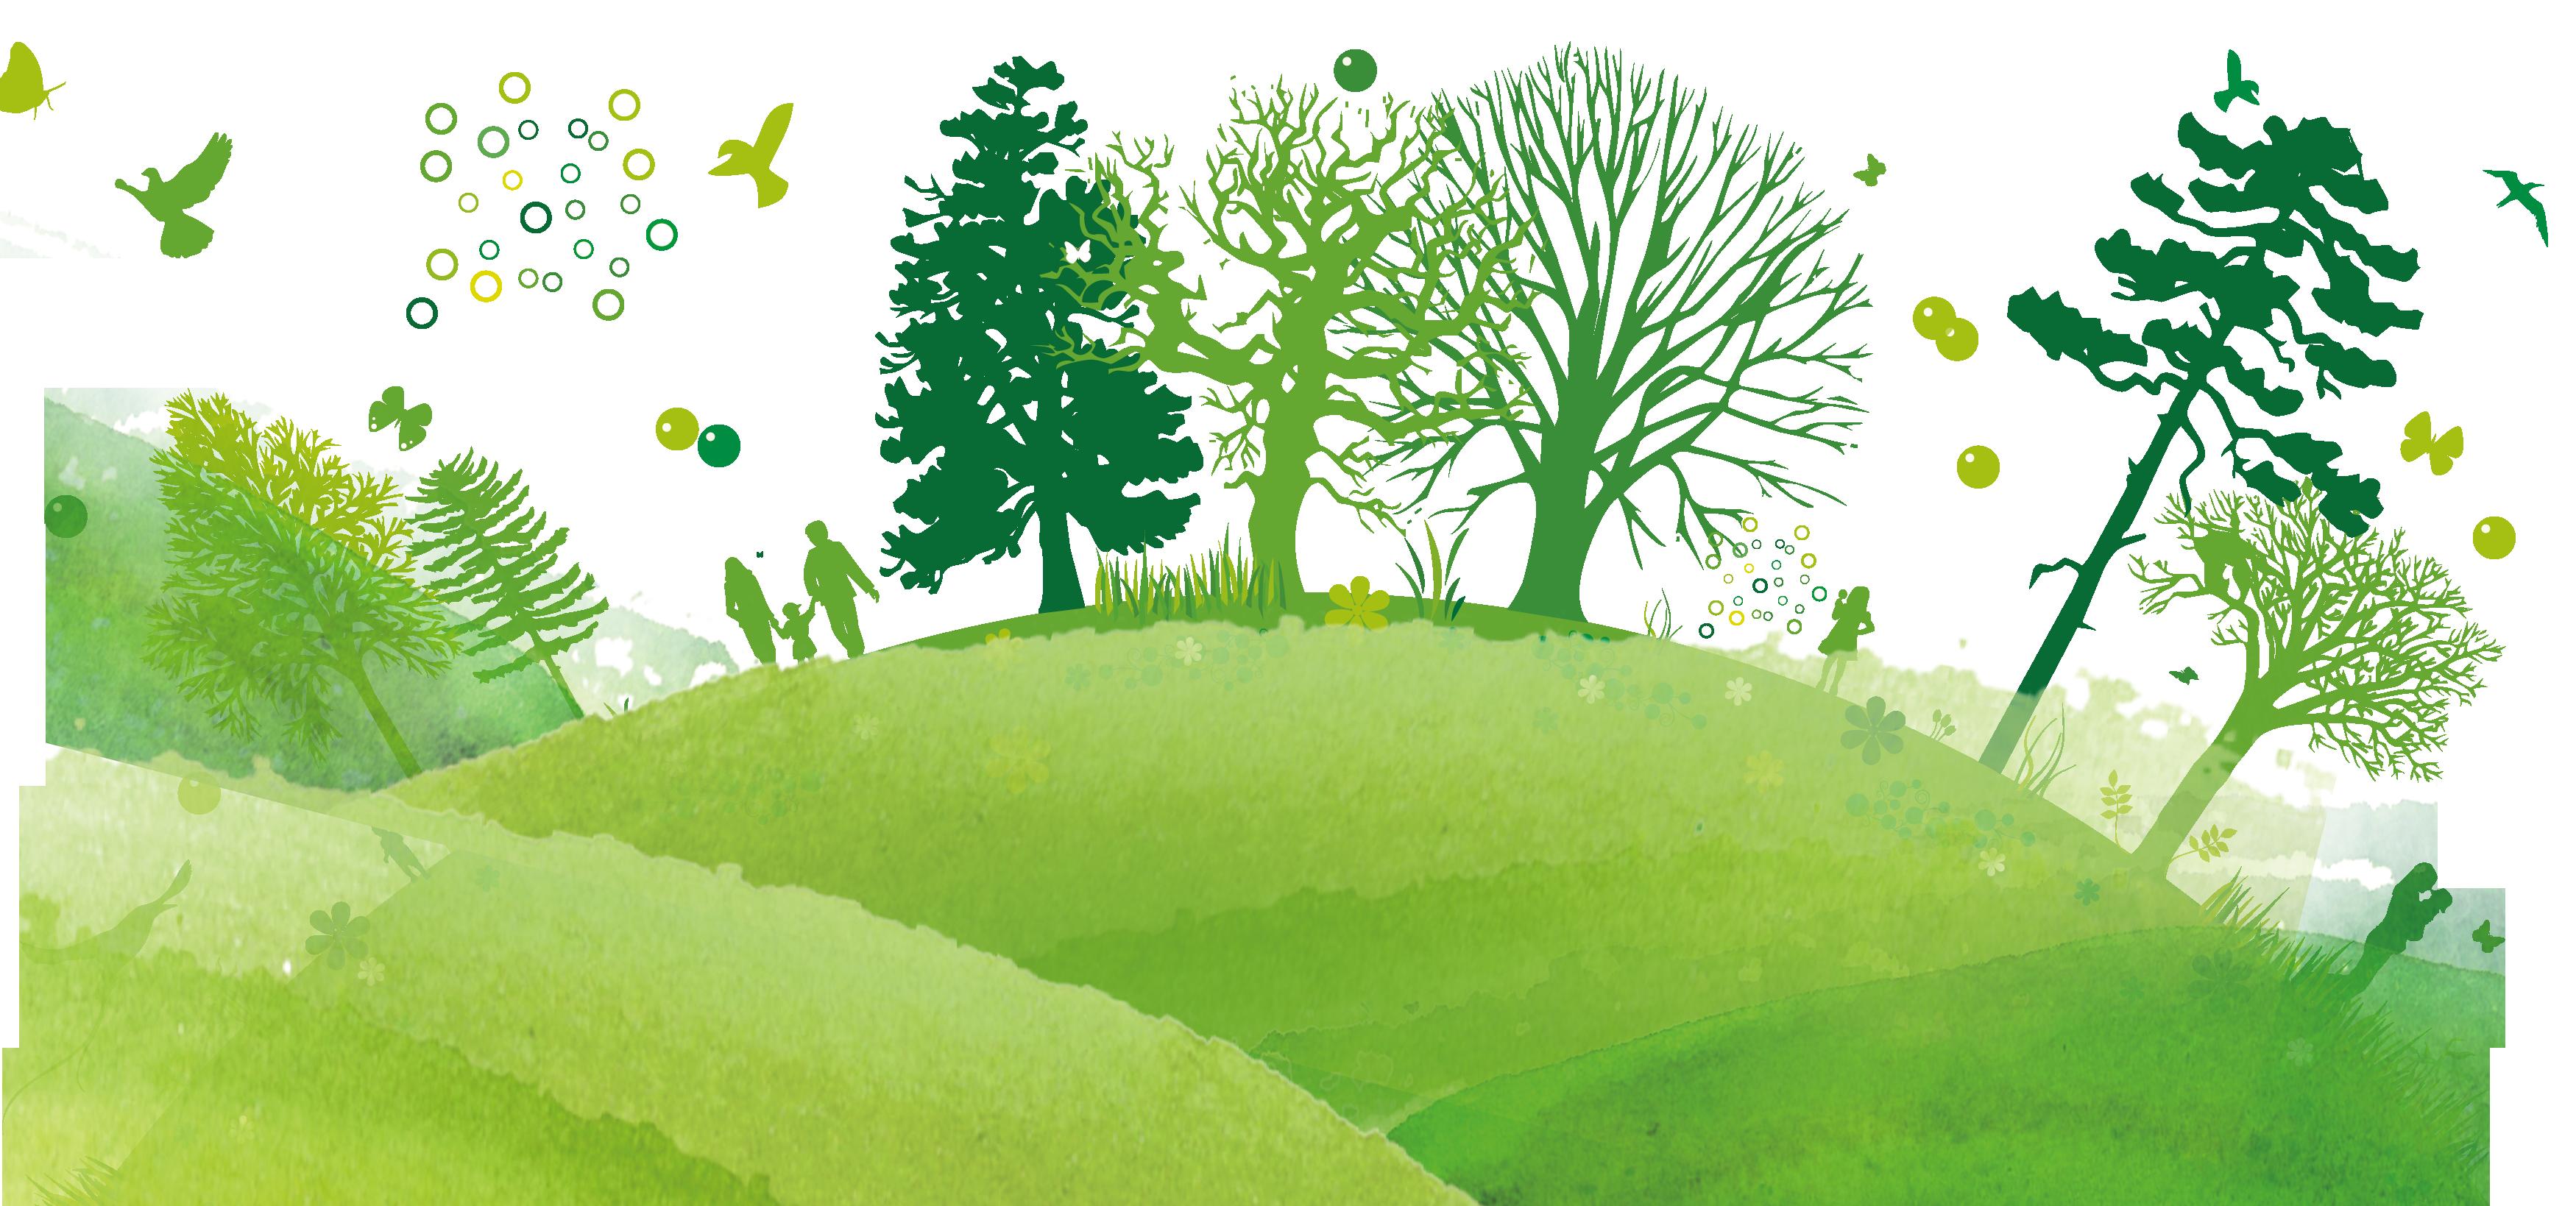 Кон пазарен екологизам: Разговор со Каи Вајс и Кристофер Бернард